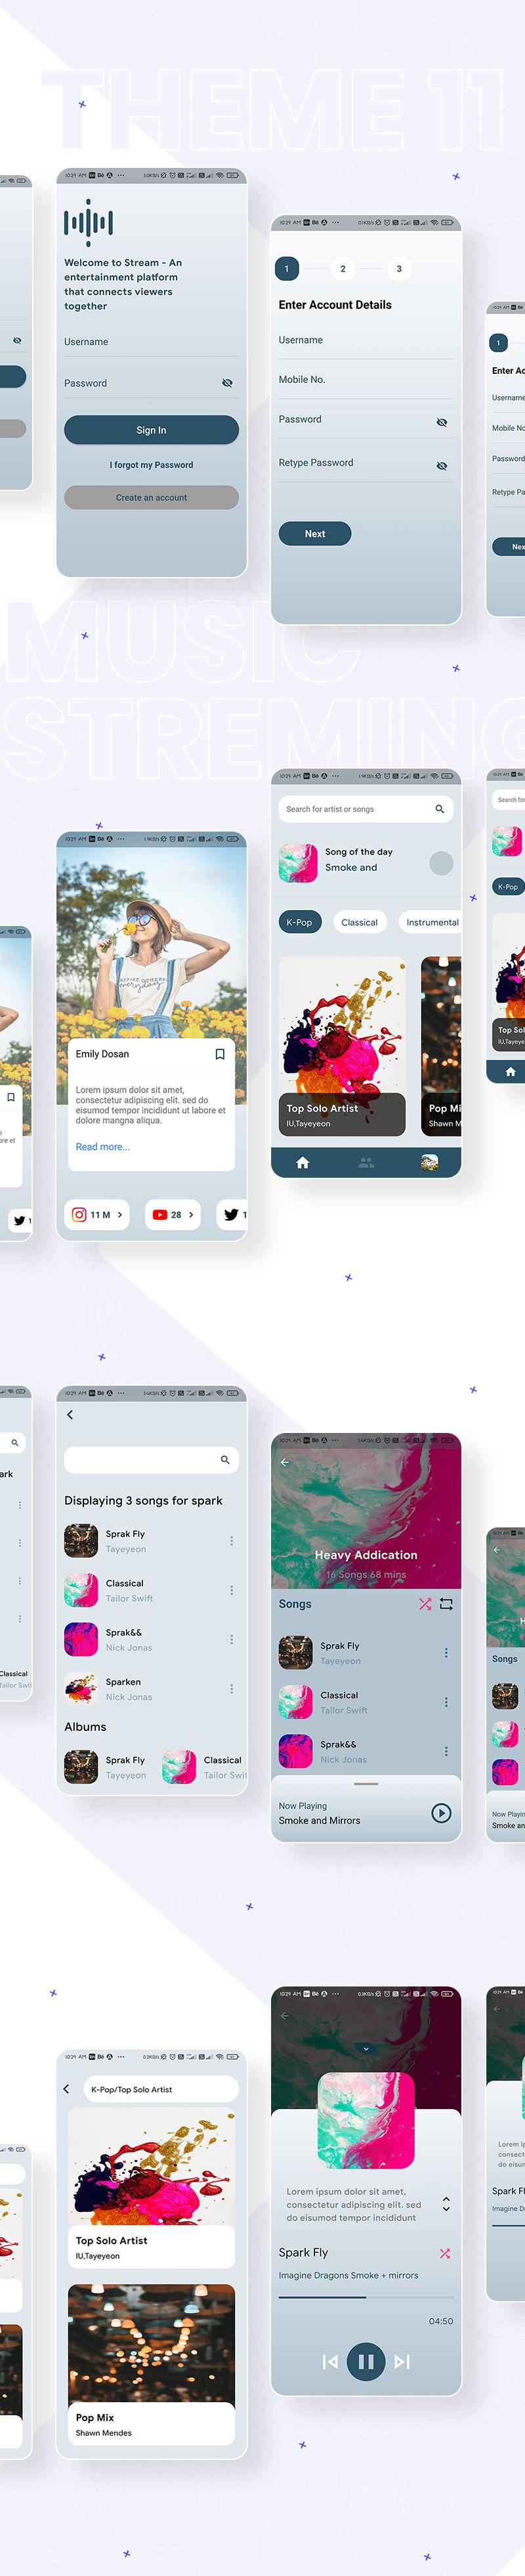 Flutter UI Kits | Prokit | Iqonic Design biggest flutter 2.0 ui kit ProKit theme 11